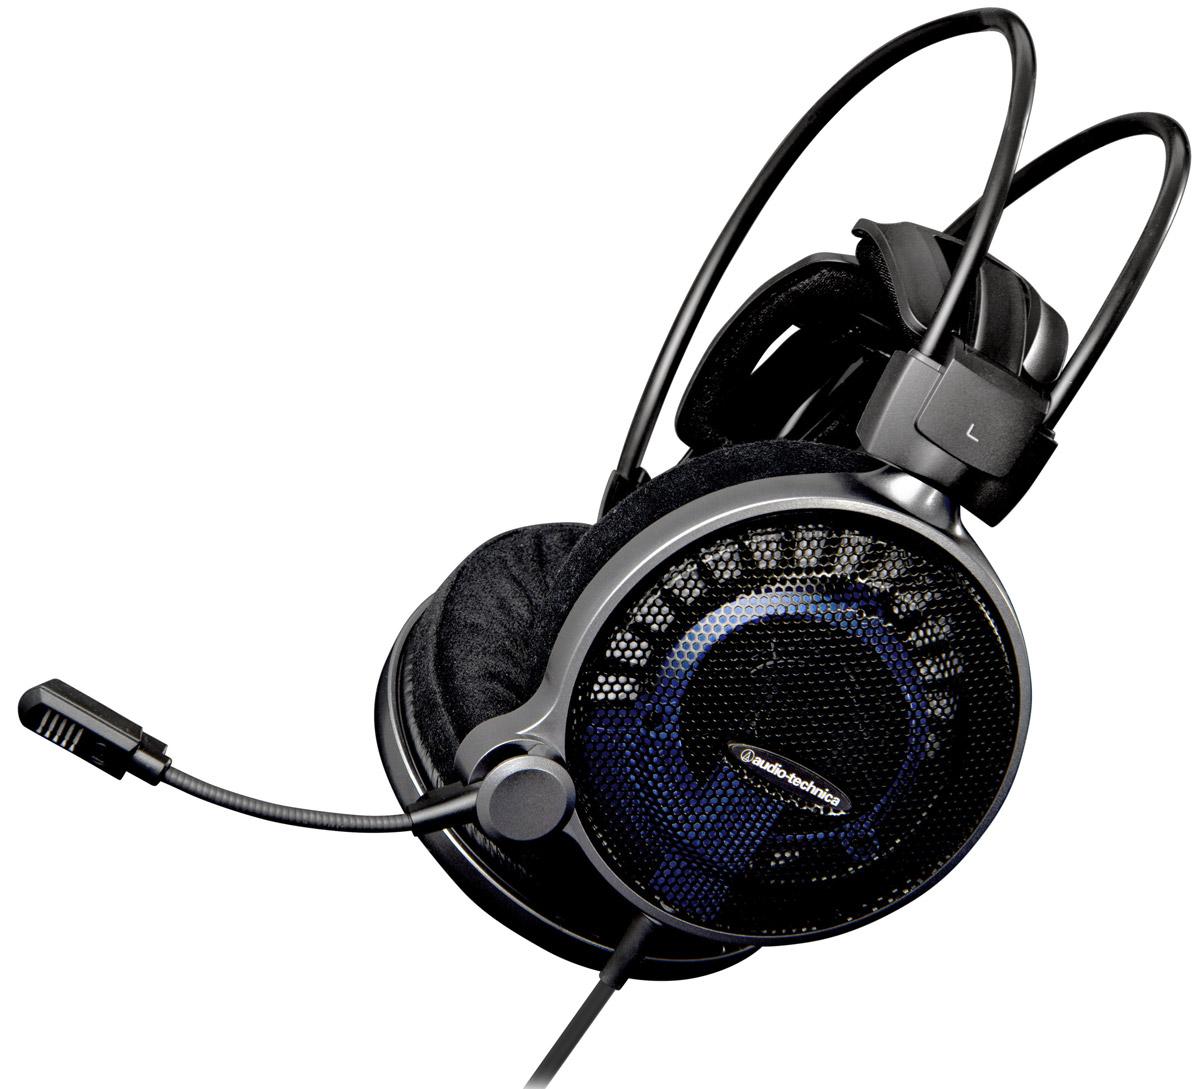 Audio-Technica ATH-ADG1X игровые наушники15118480Применив свой более чем 40-летний опыт разработок в области звуковых технологий, Audio-Technica создала открытую Hi-Fi-гарнитуру АТН-ADG1X, которая предоставляет геймеру звук высокого разрешения максимальной точности. Инновационные драйверы диаметром 53 мм обеспечивают непревзойдённое качество звука, необходимое для полного погружения в виртуальную реальность. Устройство оснащено первоклассным микрофоном для голосовой коммуникации в ходе игры, кабелем длиной 1,2 м и двухметровым удлинителем.Гарнитура АТН-ADG1X совместима с платформами PC, Mac, PS4, iPad/iPhone, а также с Xbox One (при использовании специального адаптера).Большие драйверы диаметром 53 мм обеспечивают премиальное Hi-Fi-звучаниеСаморегулирующееся 3D-крепление для комфортного ношения в течение длительного времениМикрофон обеспечивает кристально чистый звук в ходе игровых переговоровМягкие амбушюры наивысшего качестваВ комплекте 2-метровый удлинитель (2x3,5 мм) и ветрозащита для микрофона, которая защищает звукопередачу от шума дыханияТип микрофона: конденсаторныйДиапазон частот микрофона: 100-12000 ГцЧувствительность микрофона: -41 дБ